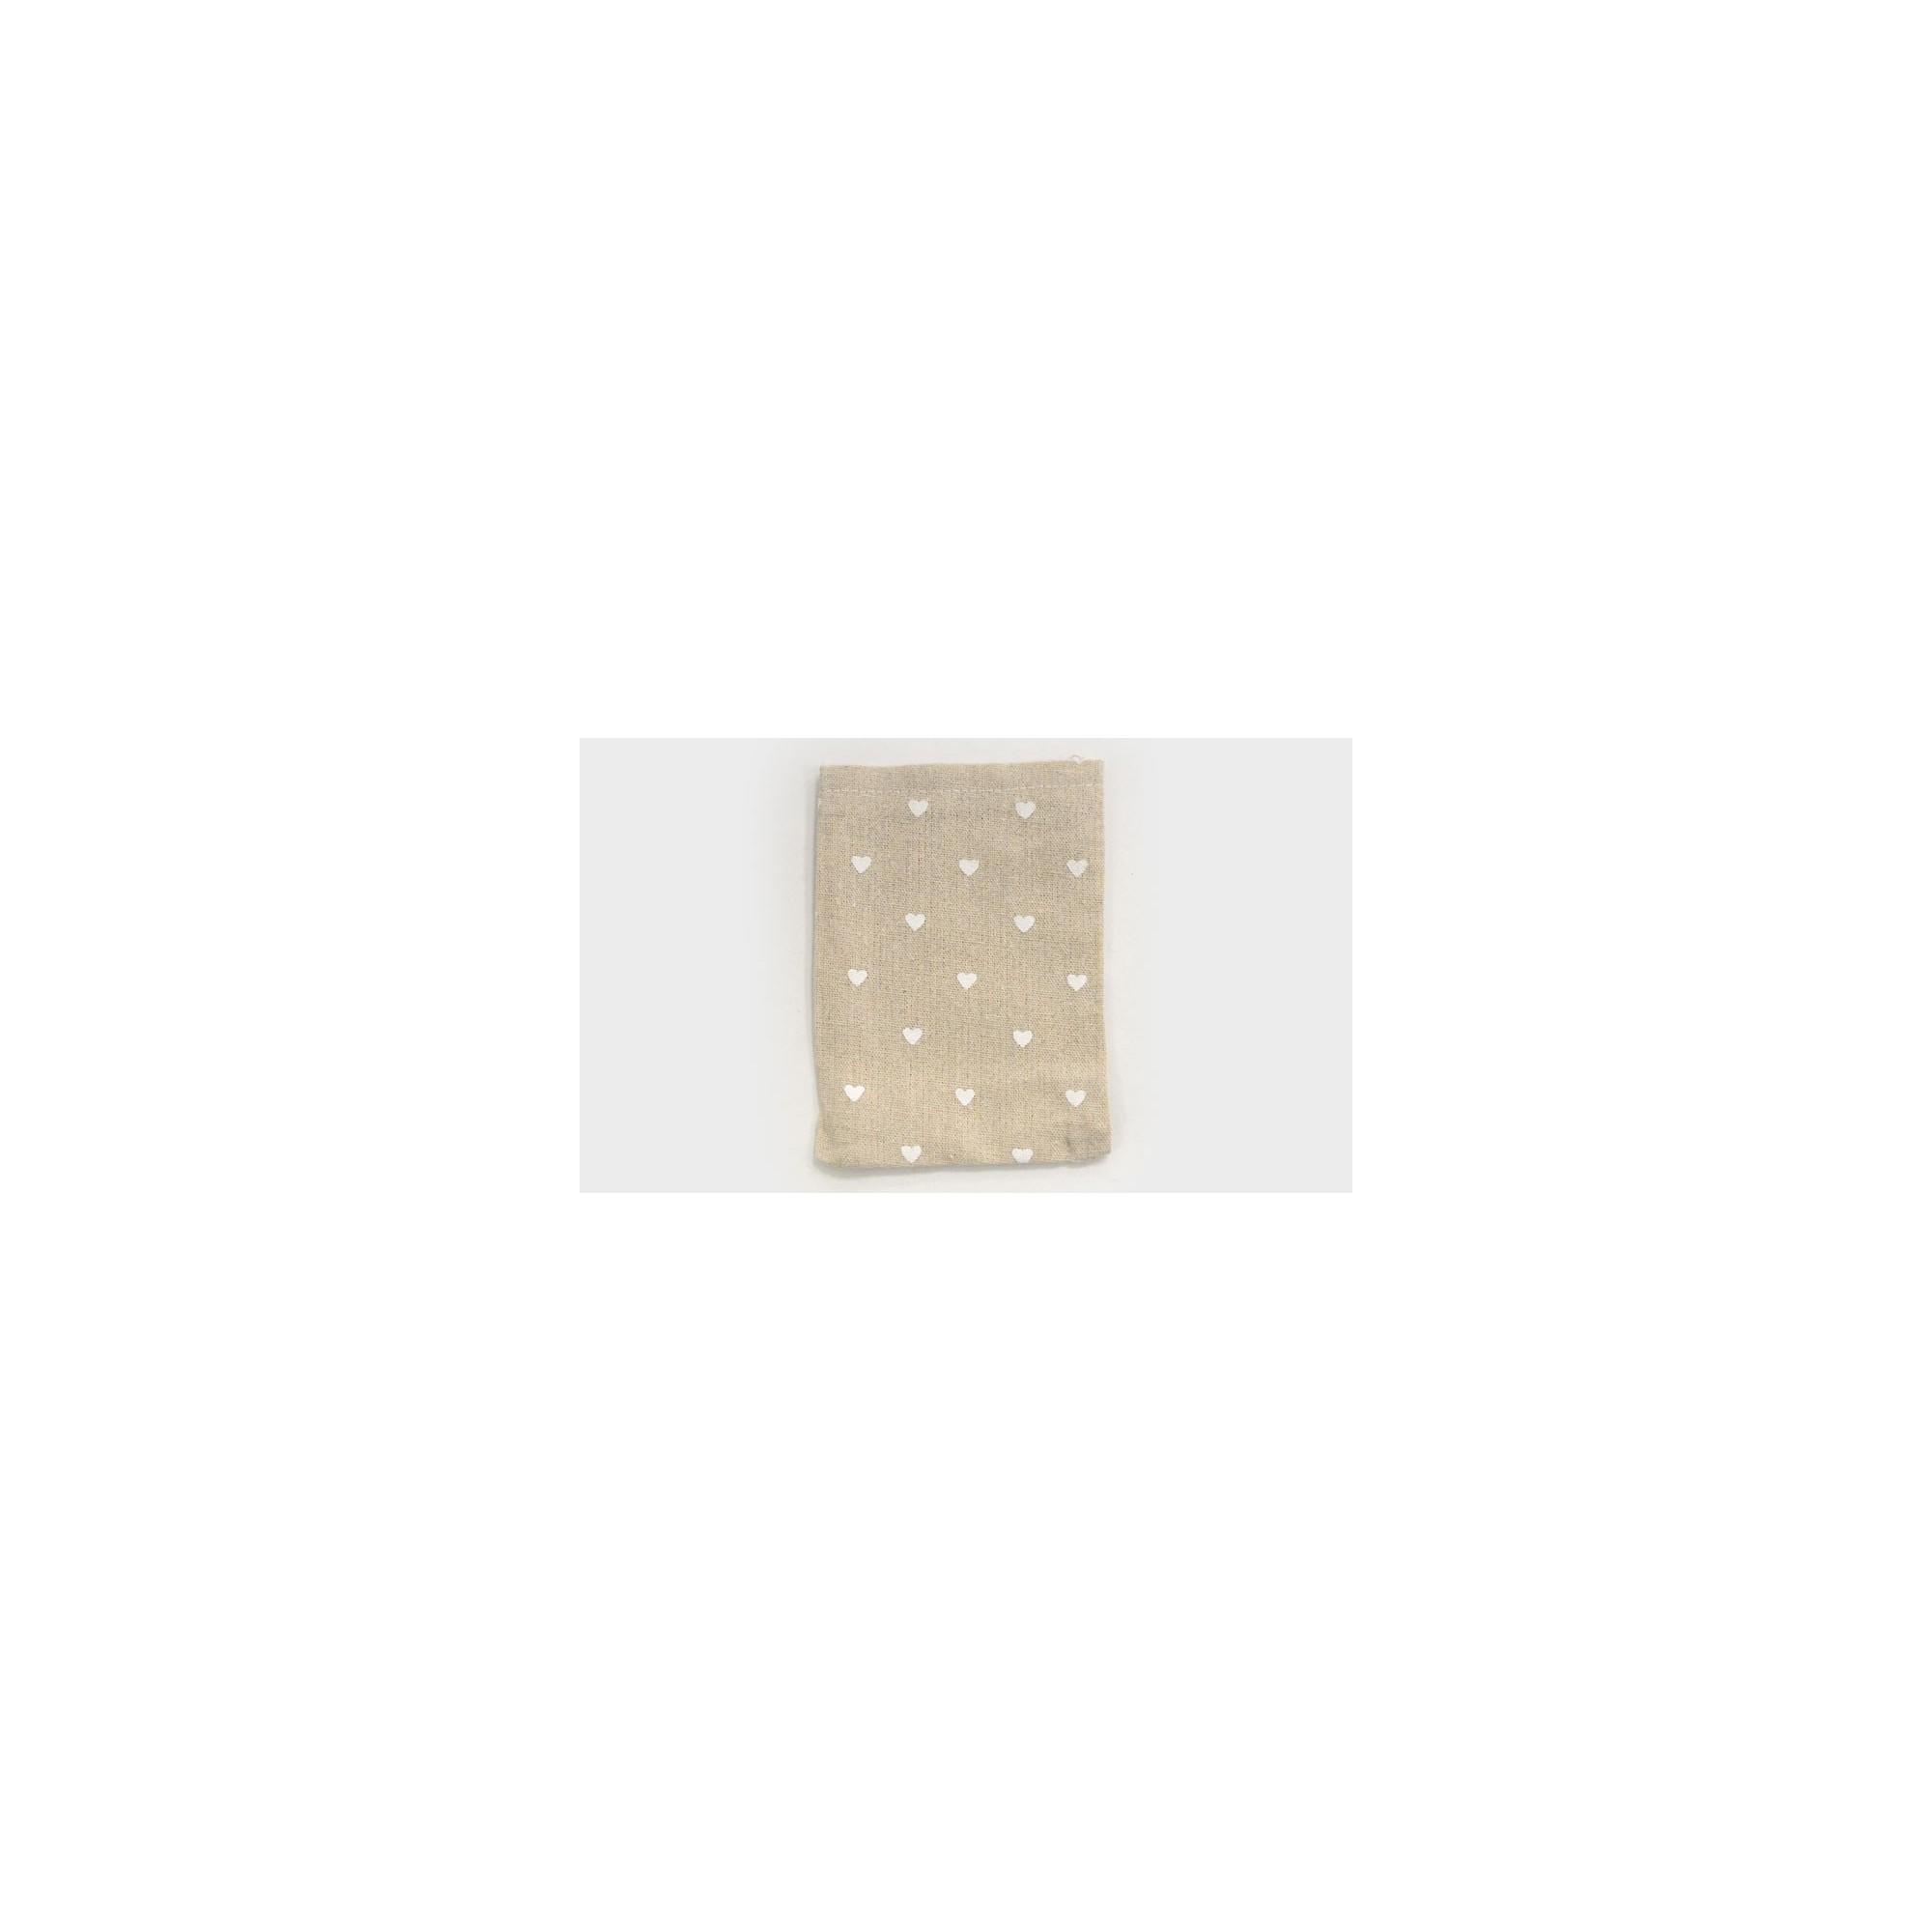 Πουγκί με Λευκές Καρδούλες - PP-0527166